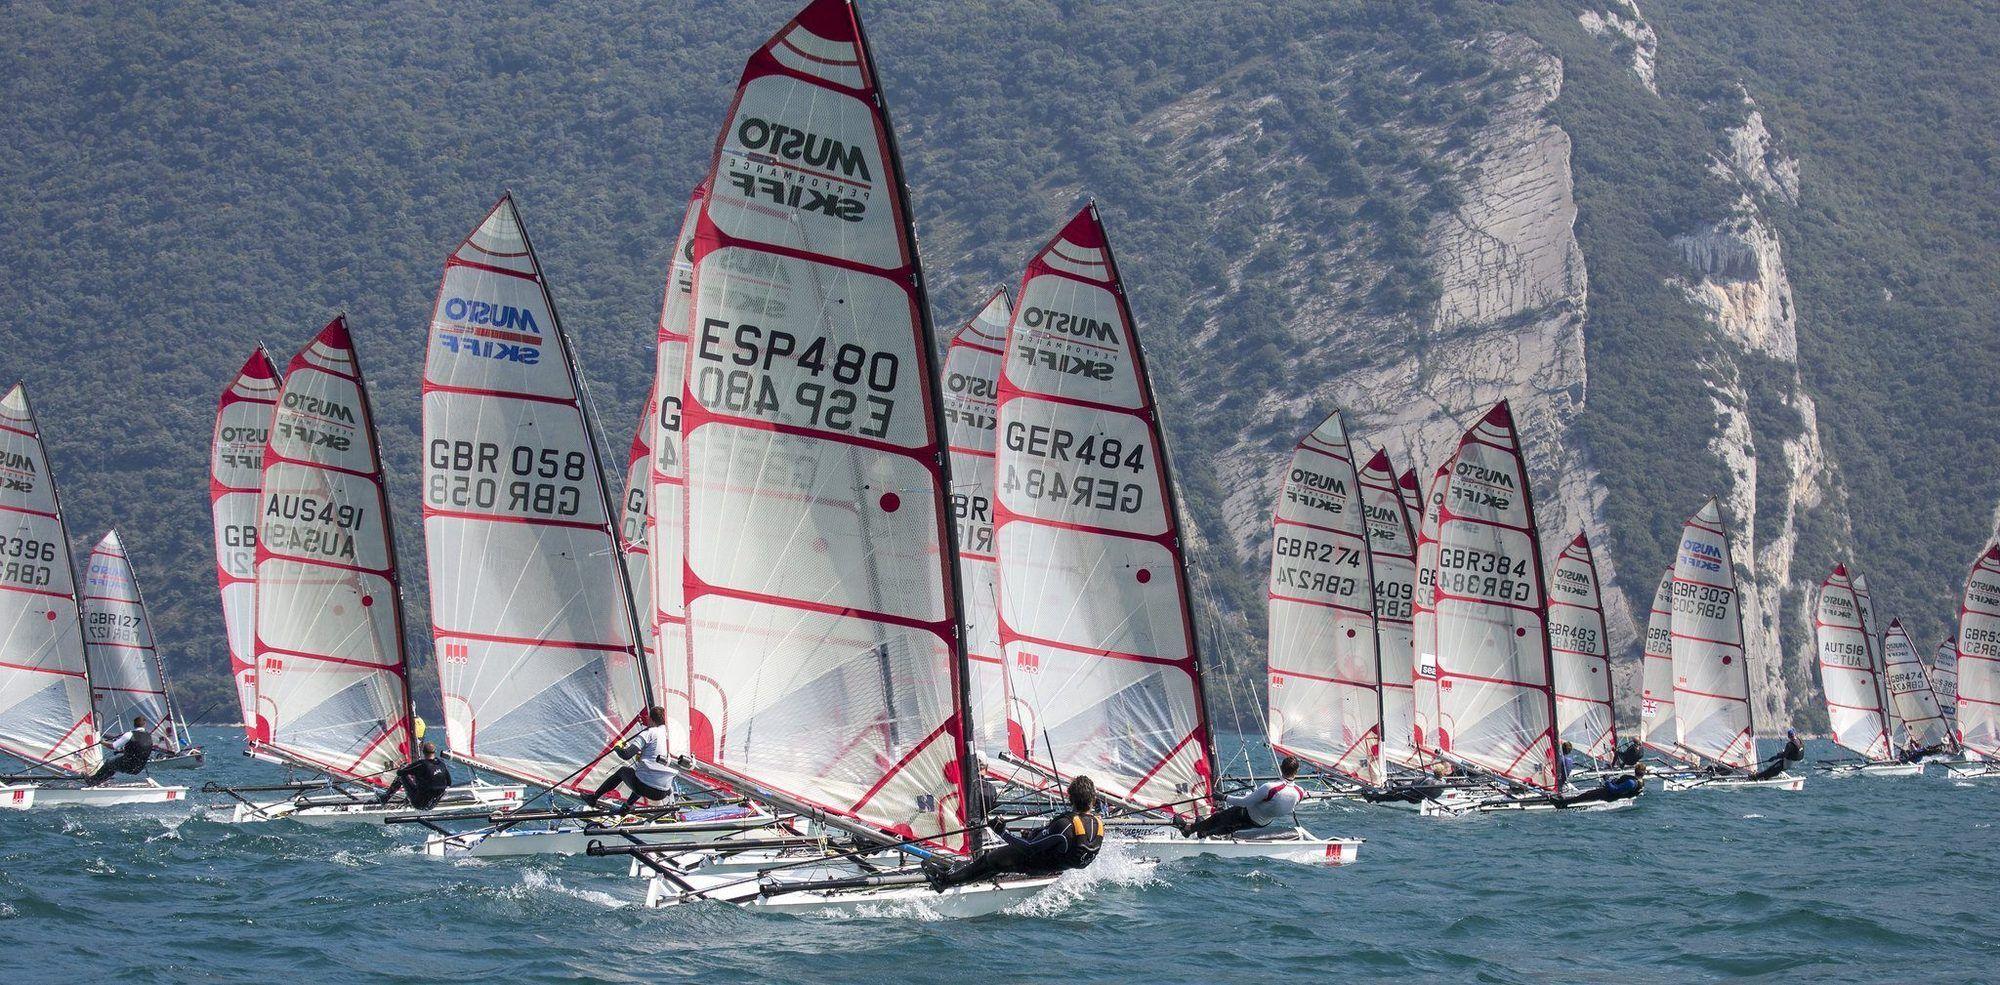 MSCA Garda 2015 (Credit - Tim Olin)-LG